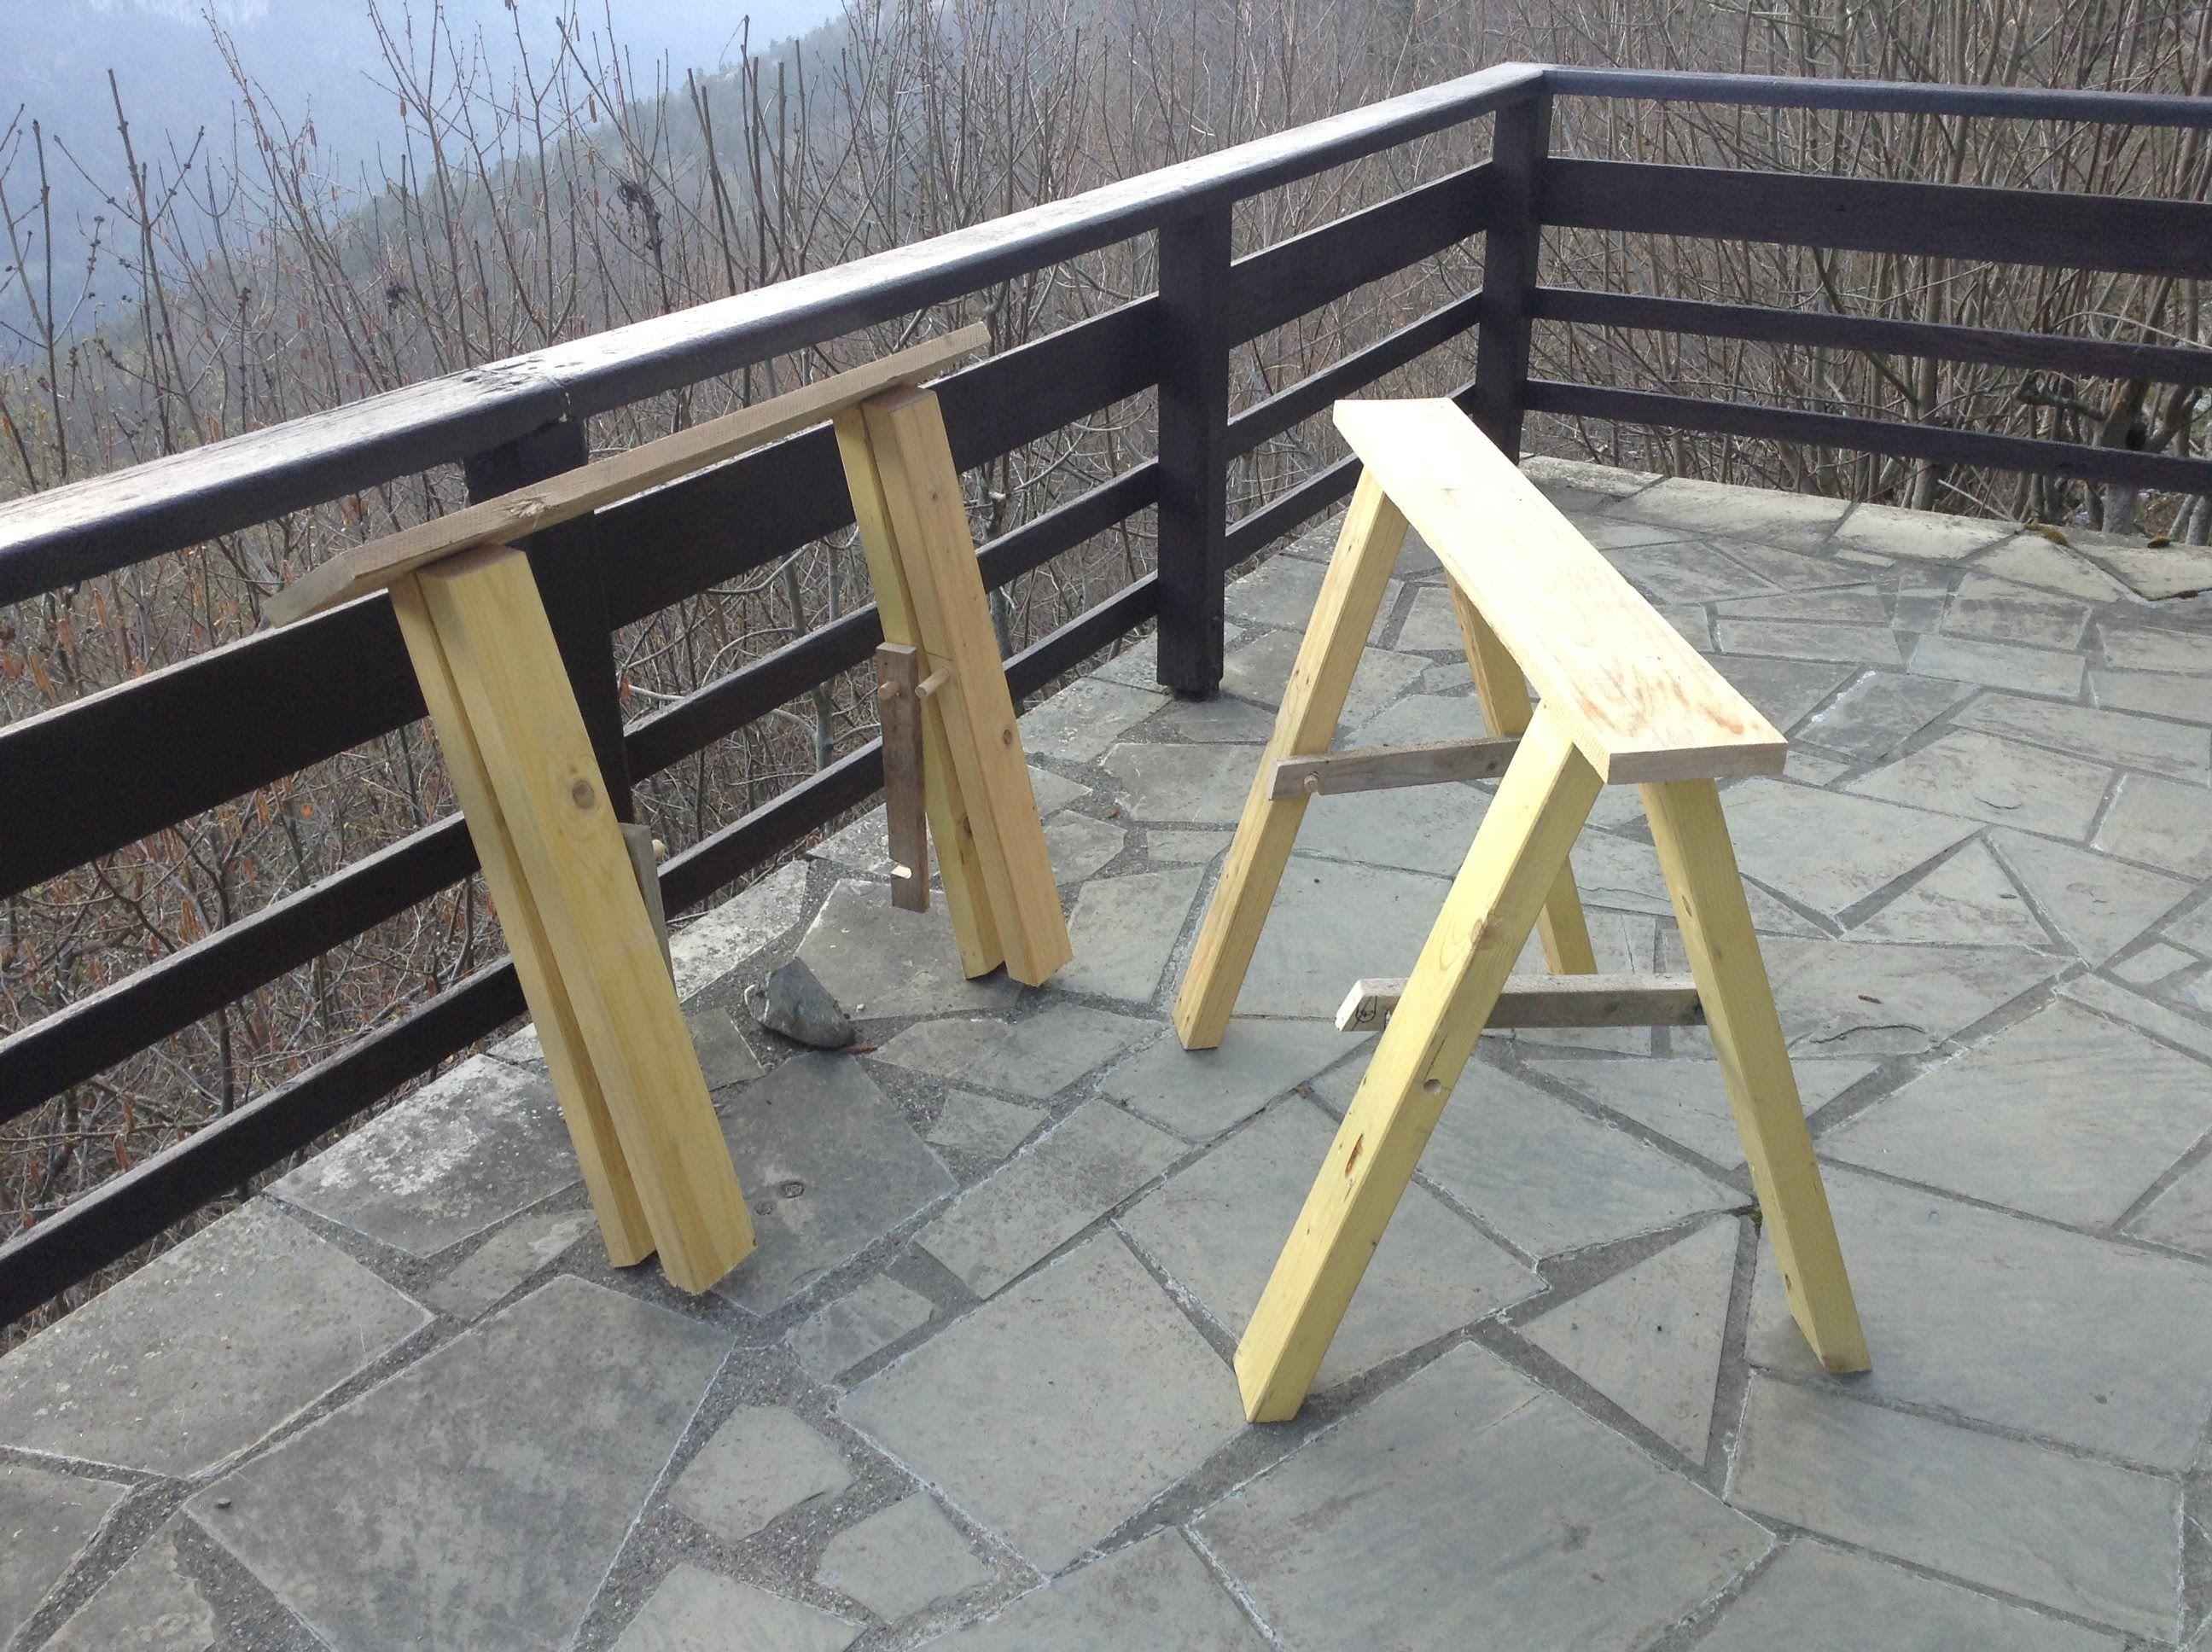 Comment fabriquer des tr teaux pliants pour ceux qui n 39 ont pas la place diy projets en bois - Treteaux en bois ...